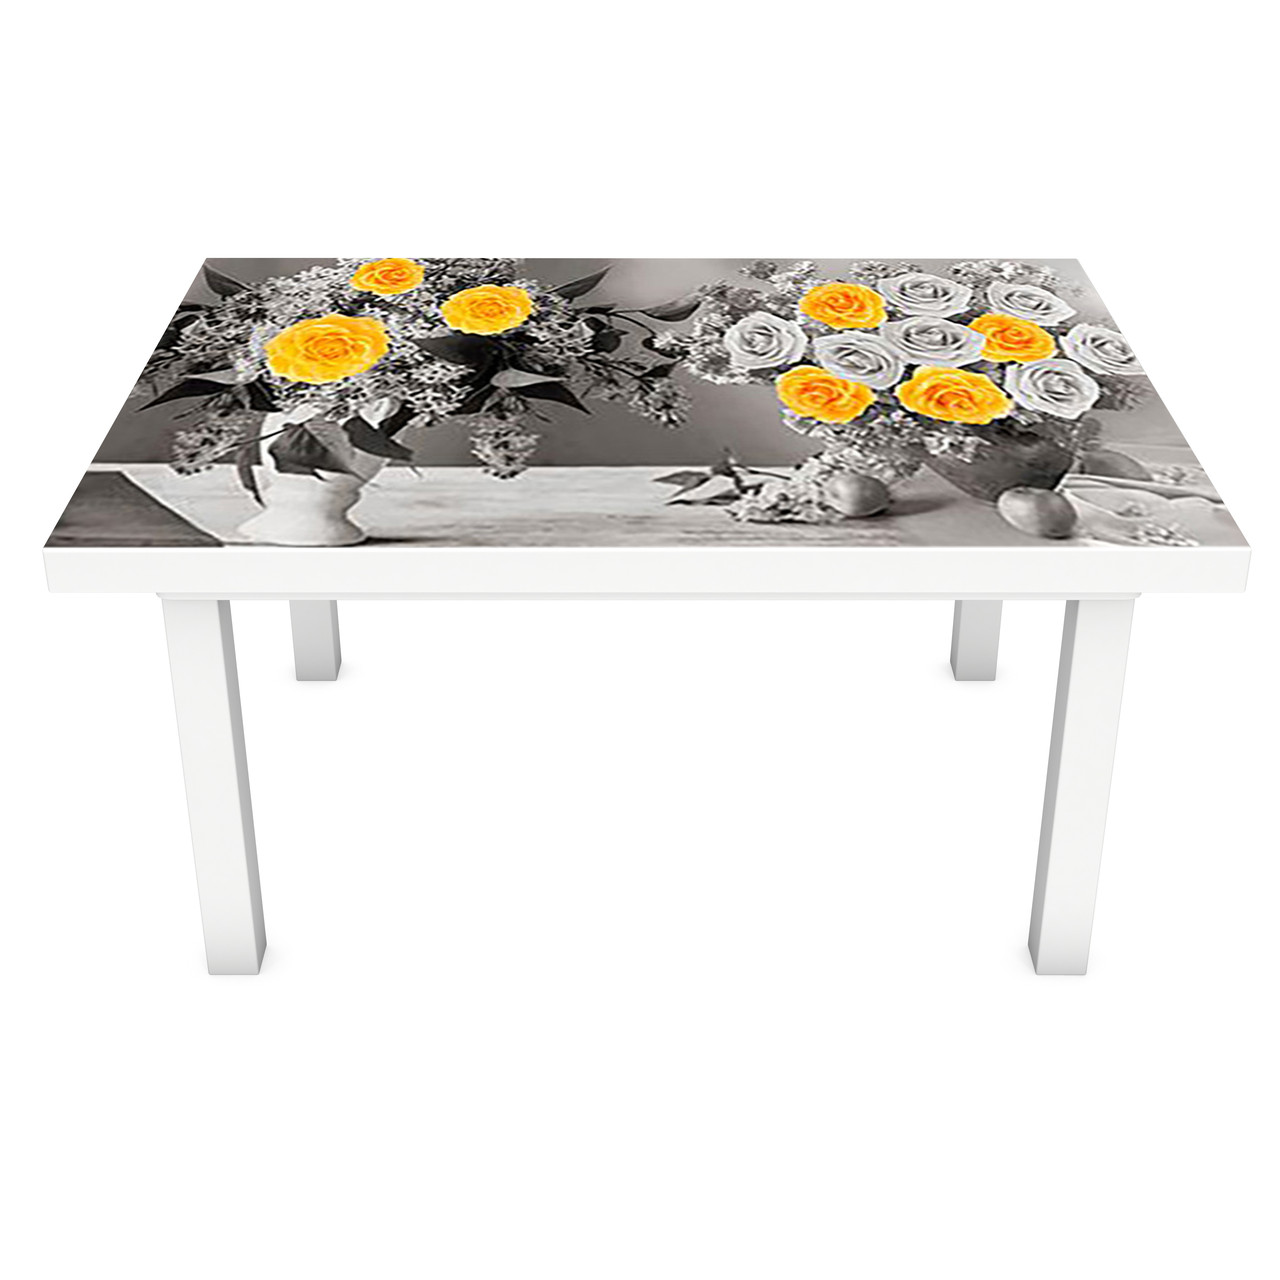 Наклейка на стіл Жовтий акцент ПВХ інтер'єрна плівка для меблів троянди квіти глечики Сірий 600*1200 мм